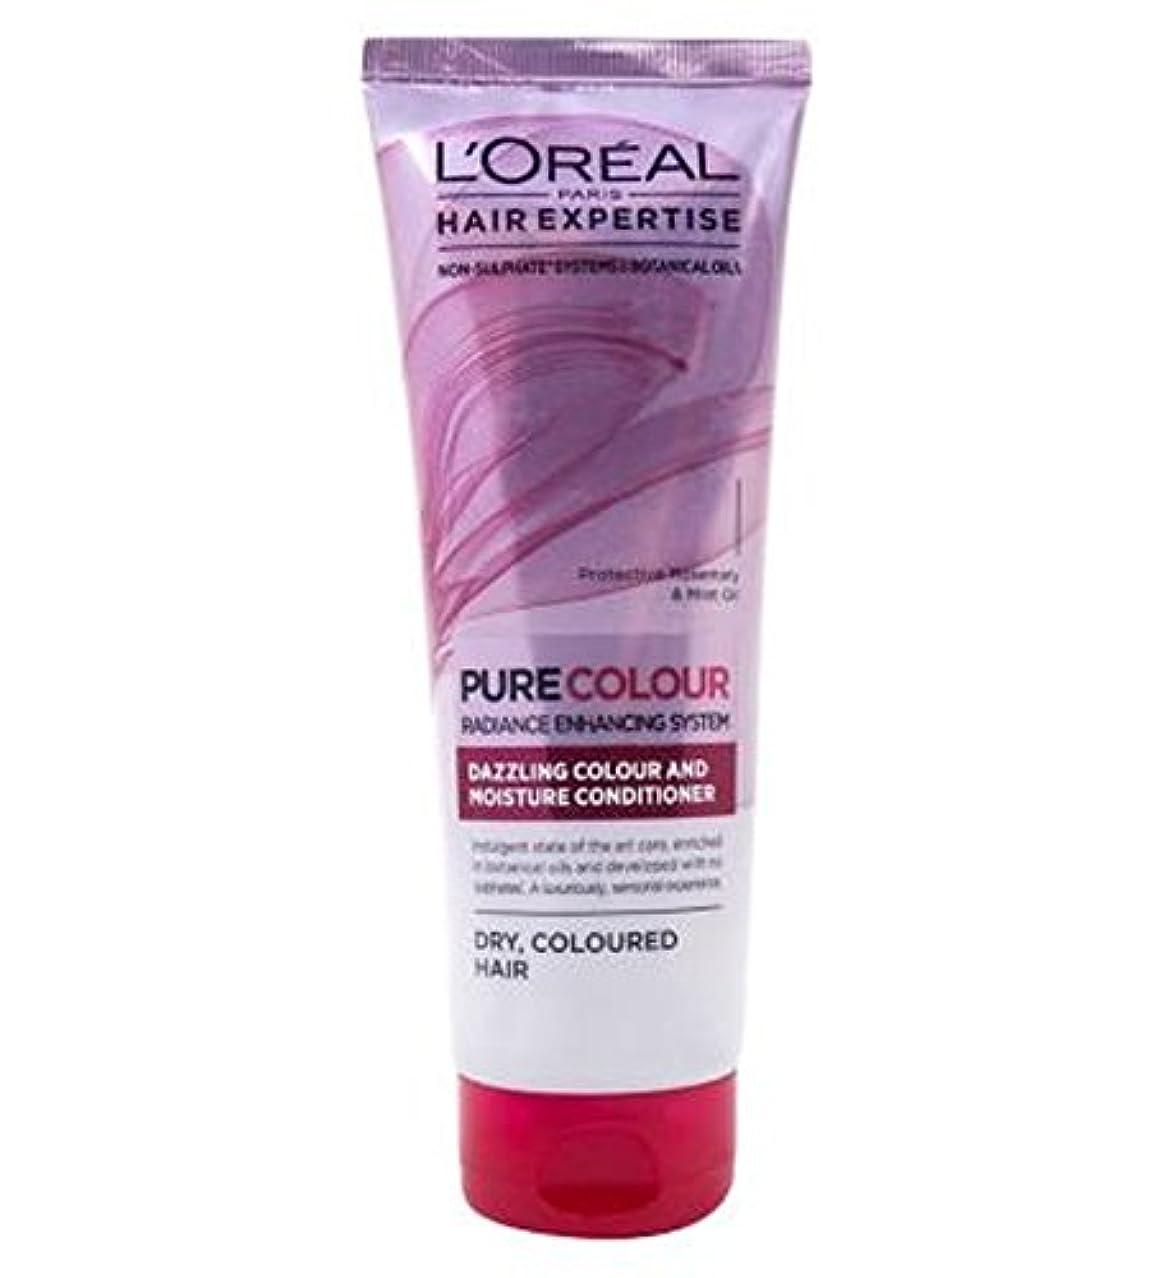 絶対のファンロケーションロレアルパリの髪の専門知識の超純粋なカラーケア&水分コンディショナー250Ml (L'Oreal) (x2) - L'Oreal Paris Hair Expertise SuperPure Colour Care &...